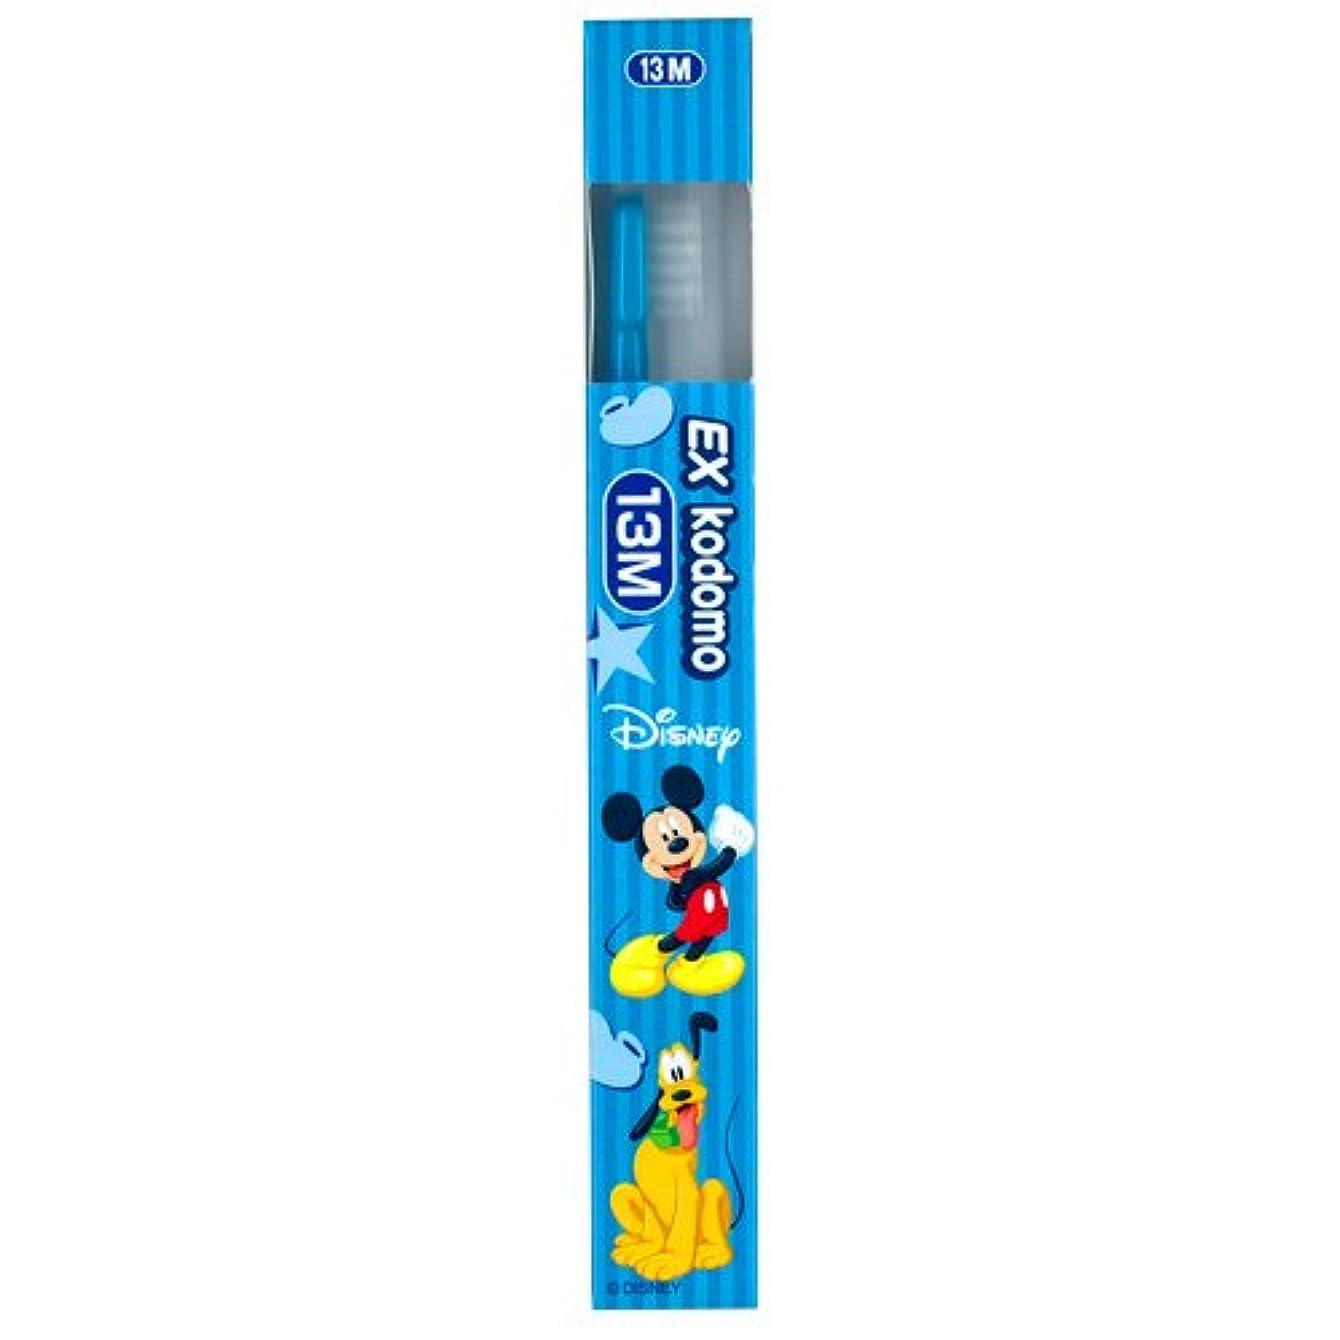 不注意フェローシッププログレッシブライオン EX kodomo ディズニー 歯ブラシ 1本 13M ブルー